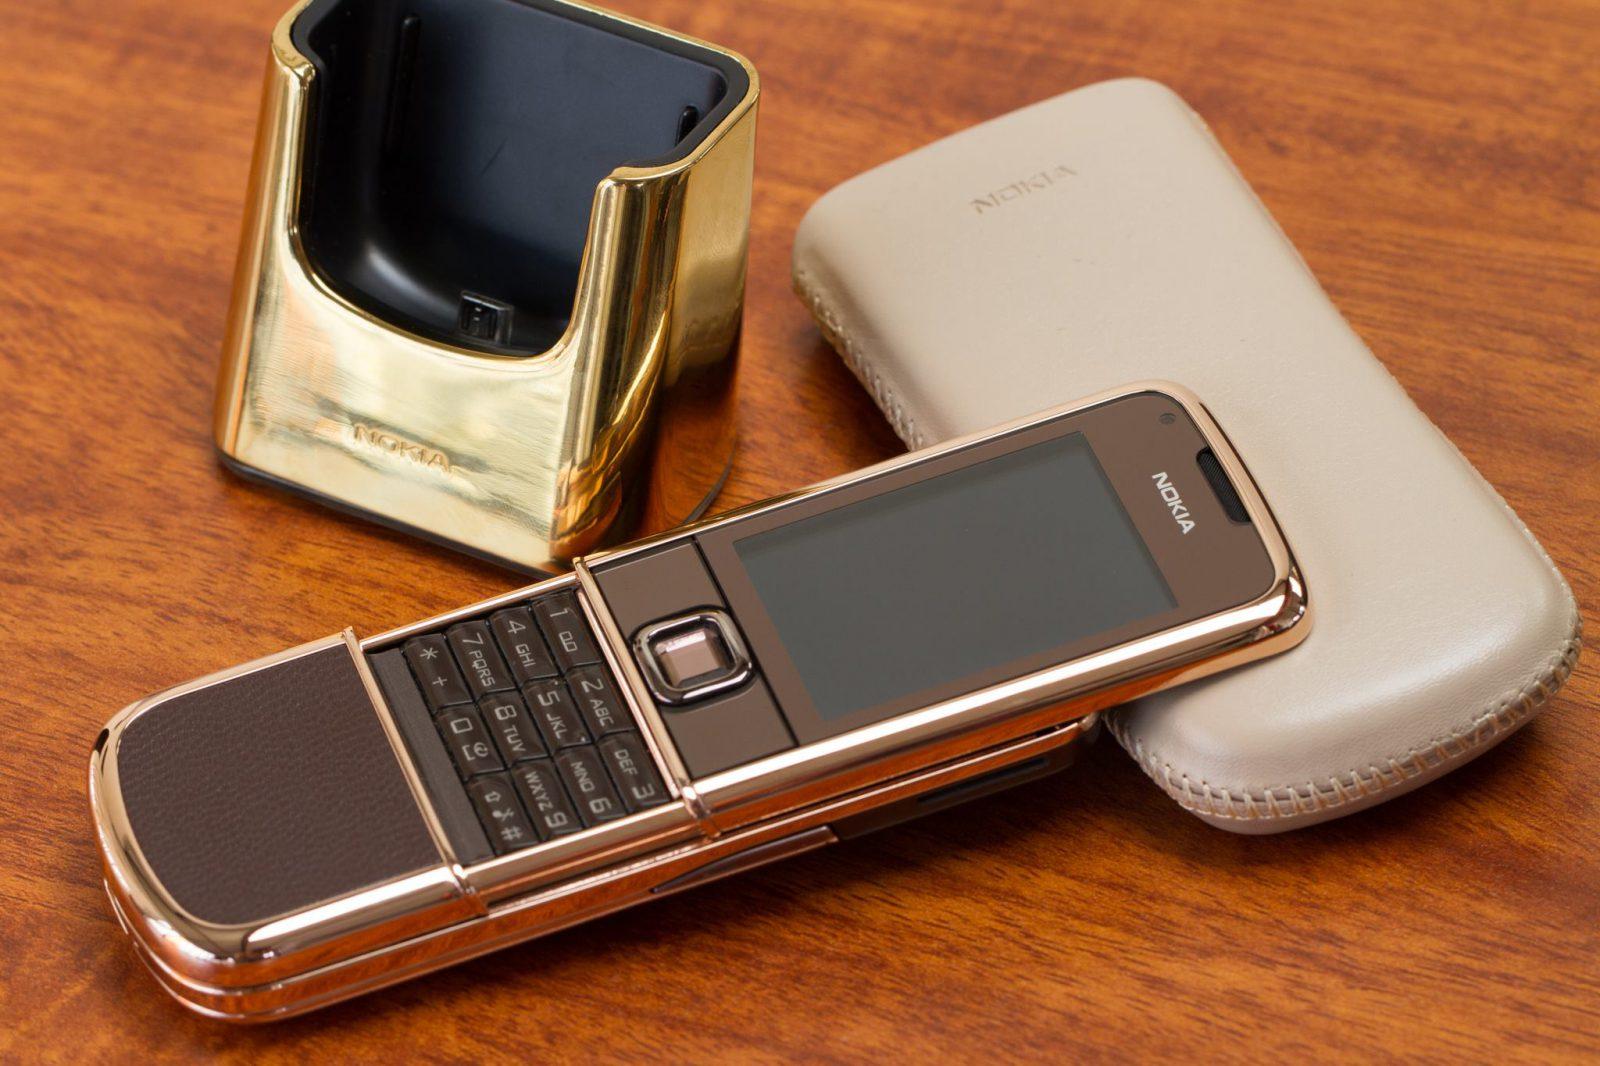 Nokia 8800 Rose Gold Arte sang trọng quý phái đầy tinh tế